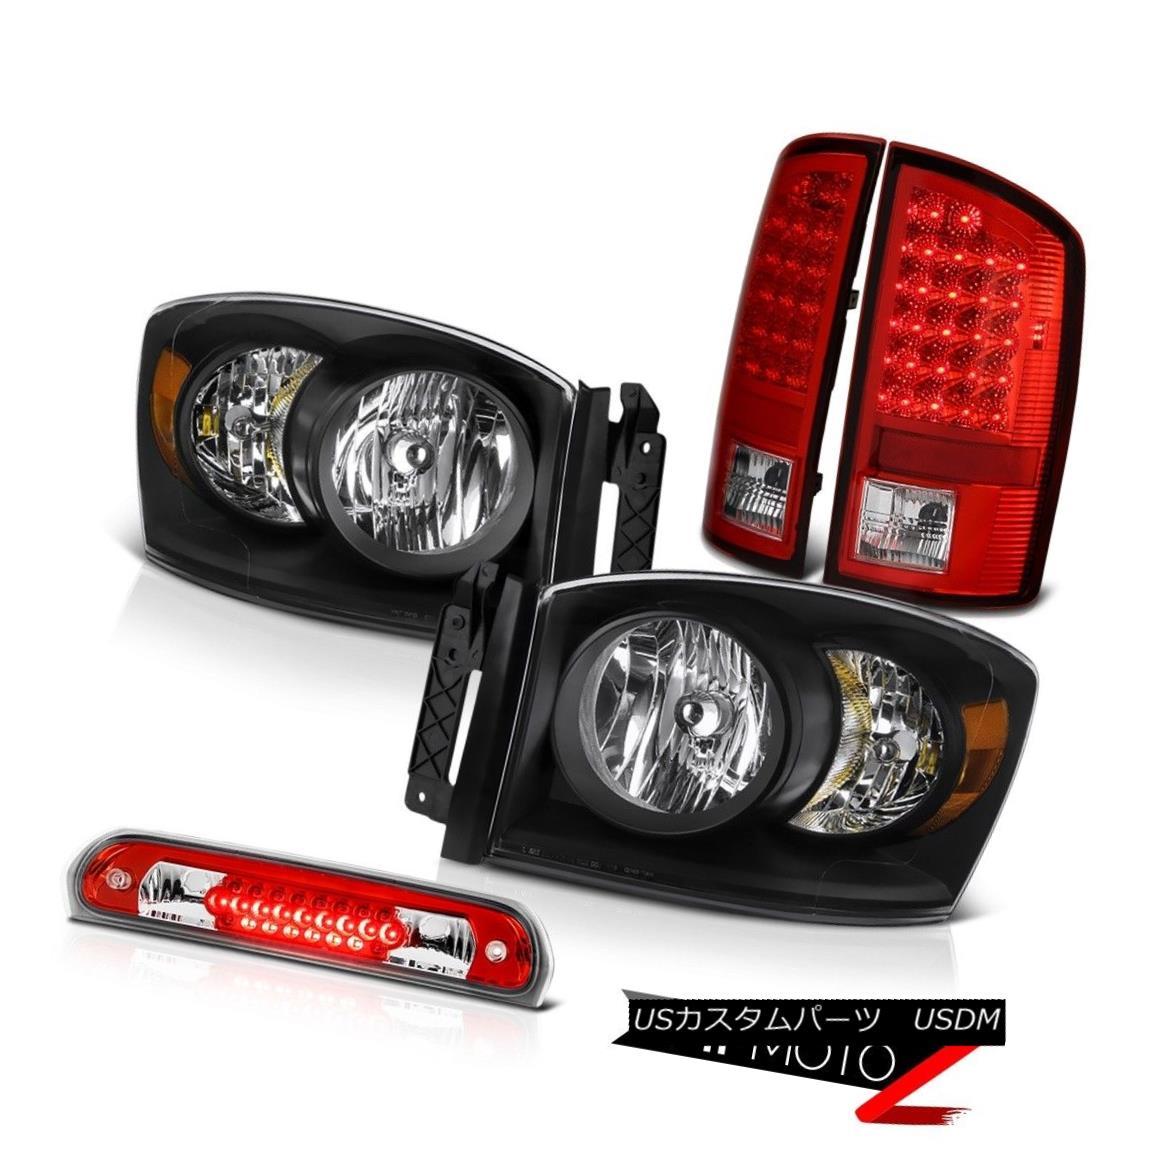 ヘッドライト 2006 Dodge Ram 2500 Pair Raven Black Headlights LED Taillamps Third Brake Cargo 2006 Dodge Ram 2500ペアのRaven BlackヘッドライトLED Taillamps第3ブレーキ貨物